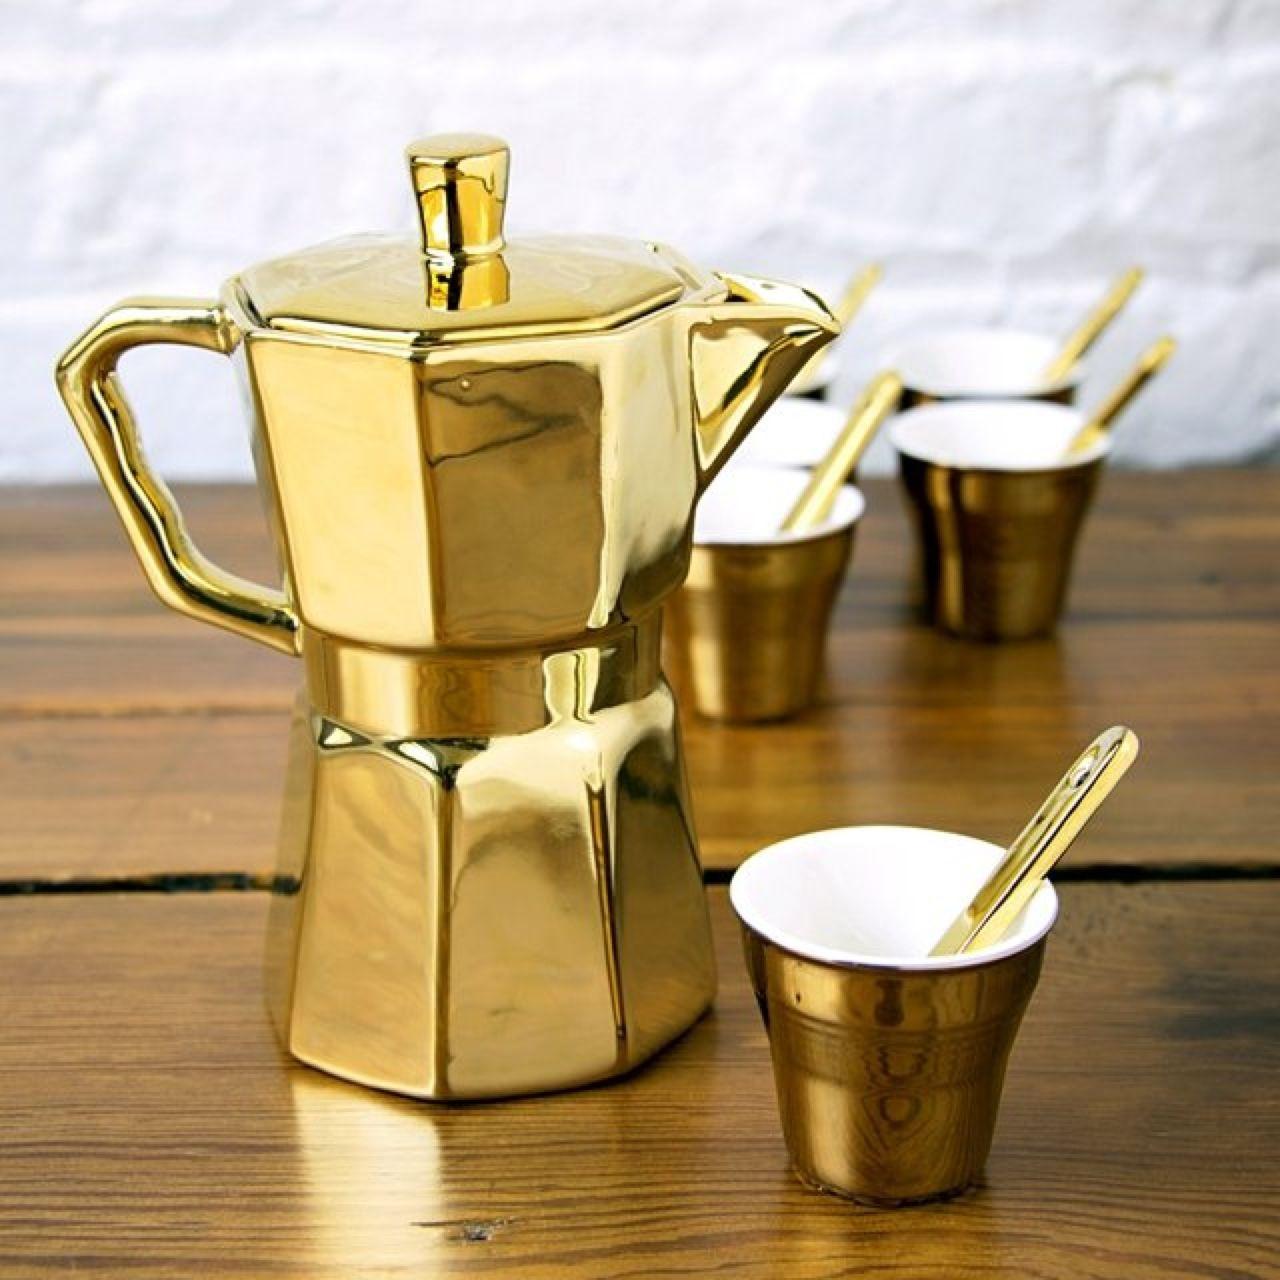 il caffè è oro ! Caffè, Caffettiera, Oro